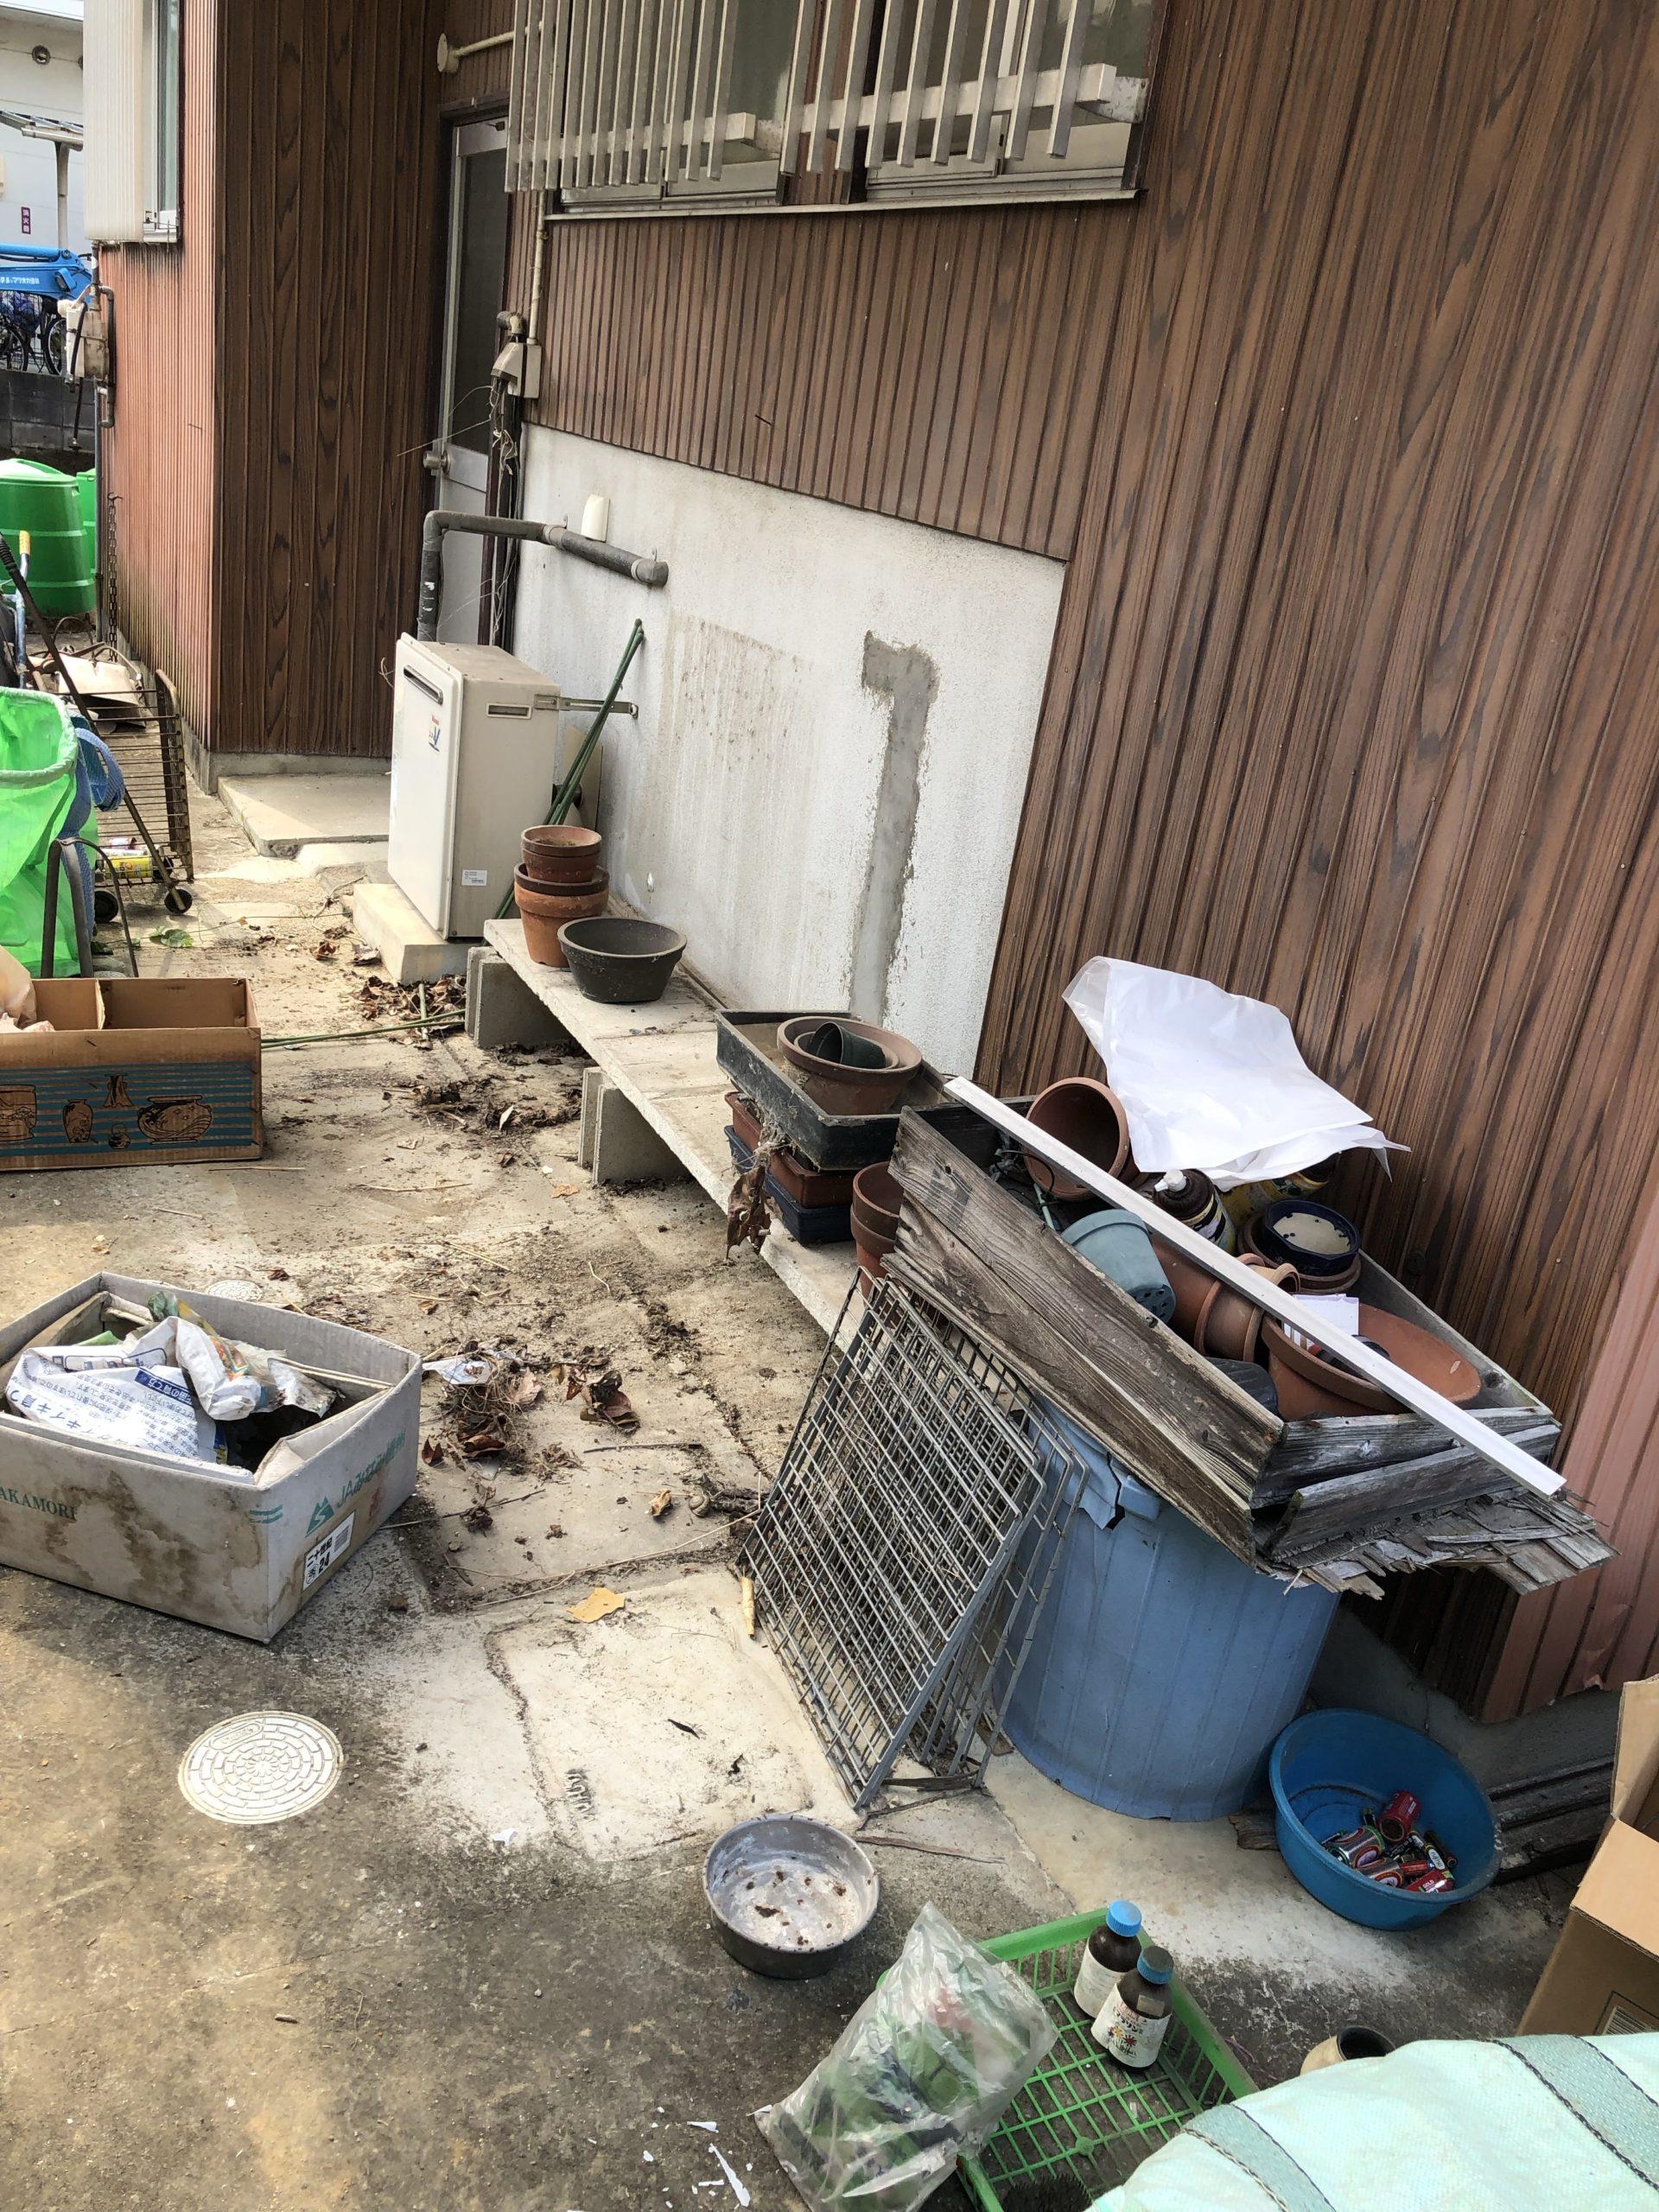 三重県津市や鈴鹿市で不用品回収や処分のご相談。遺品整理や生前整理、家屋解体工事の見積り業者なら株式会社kousui